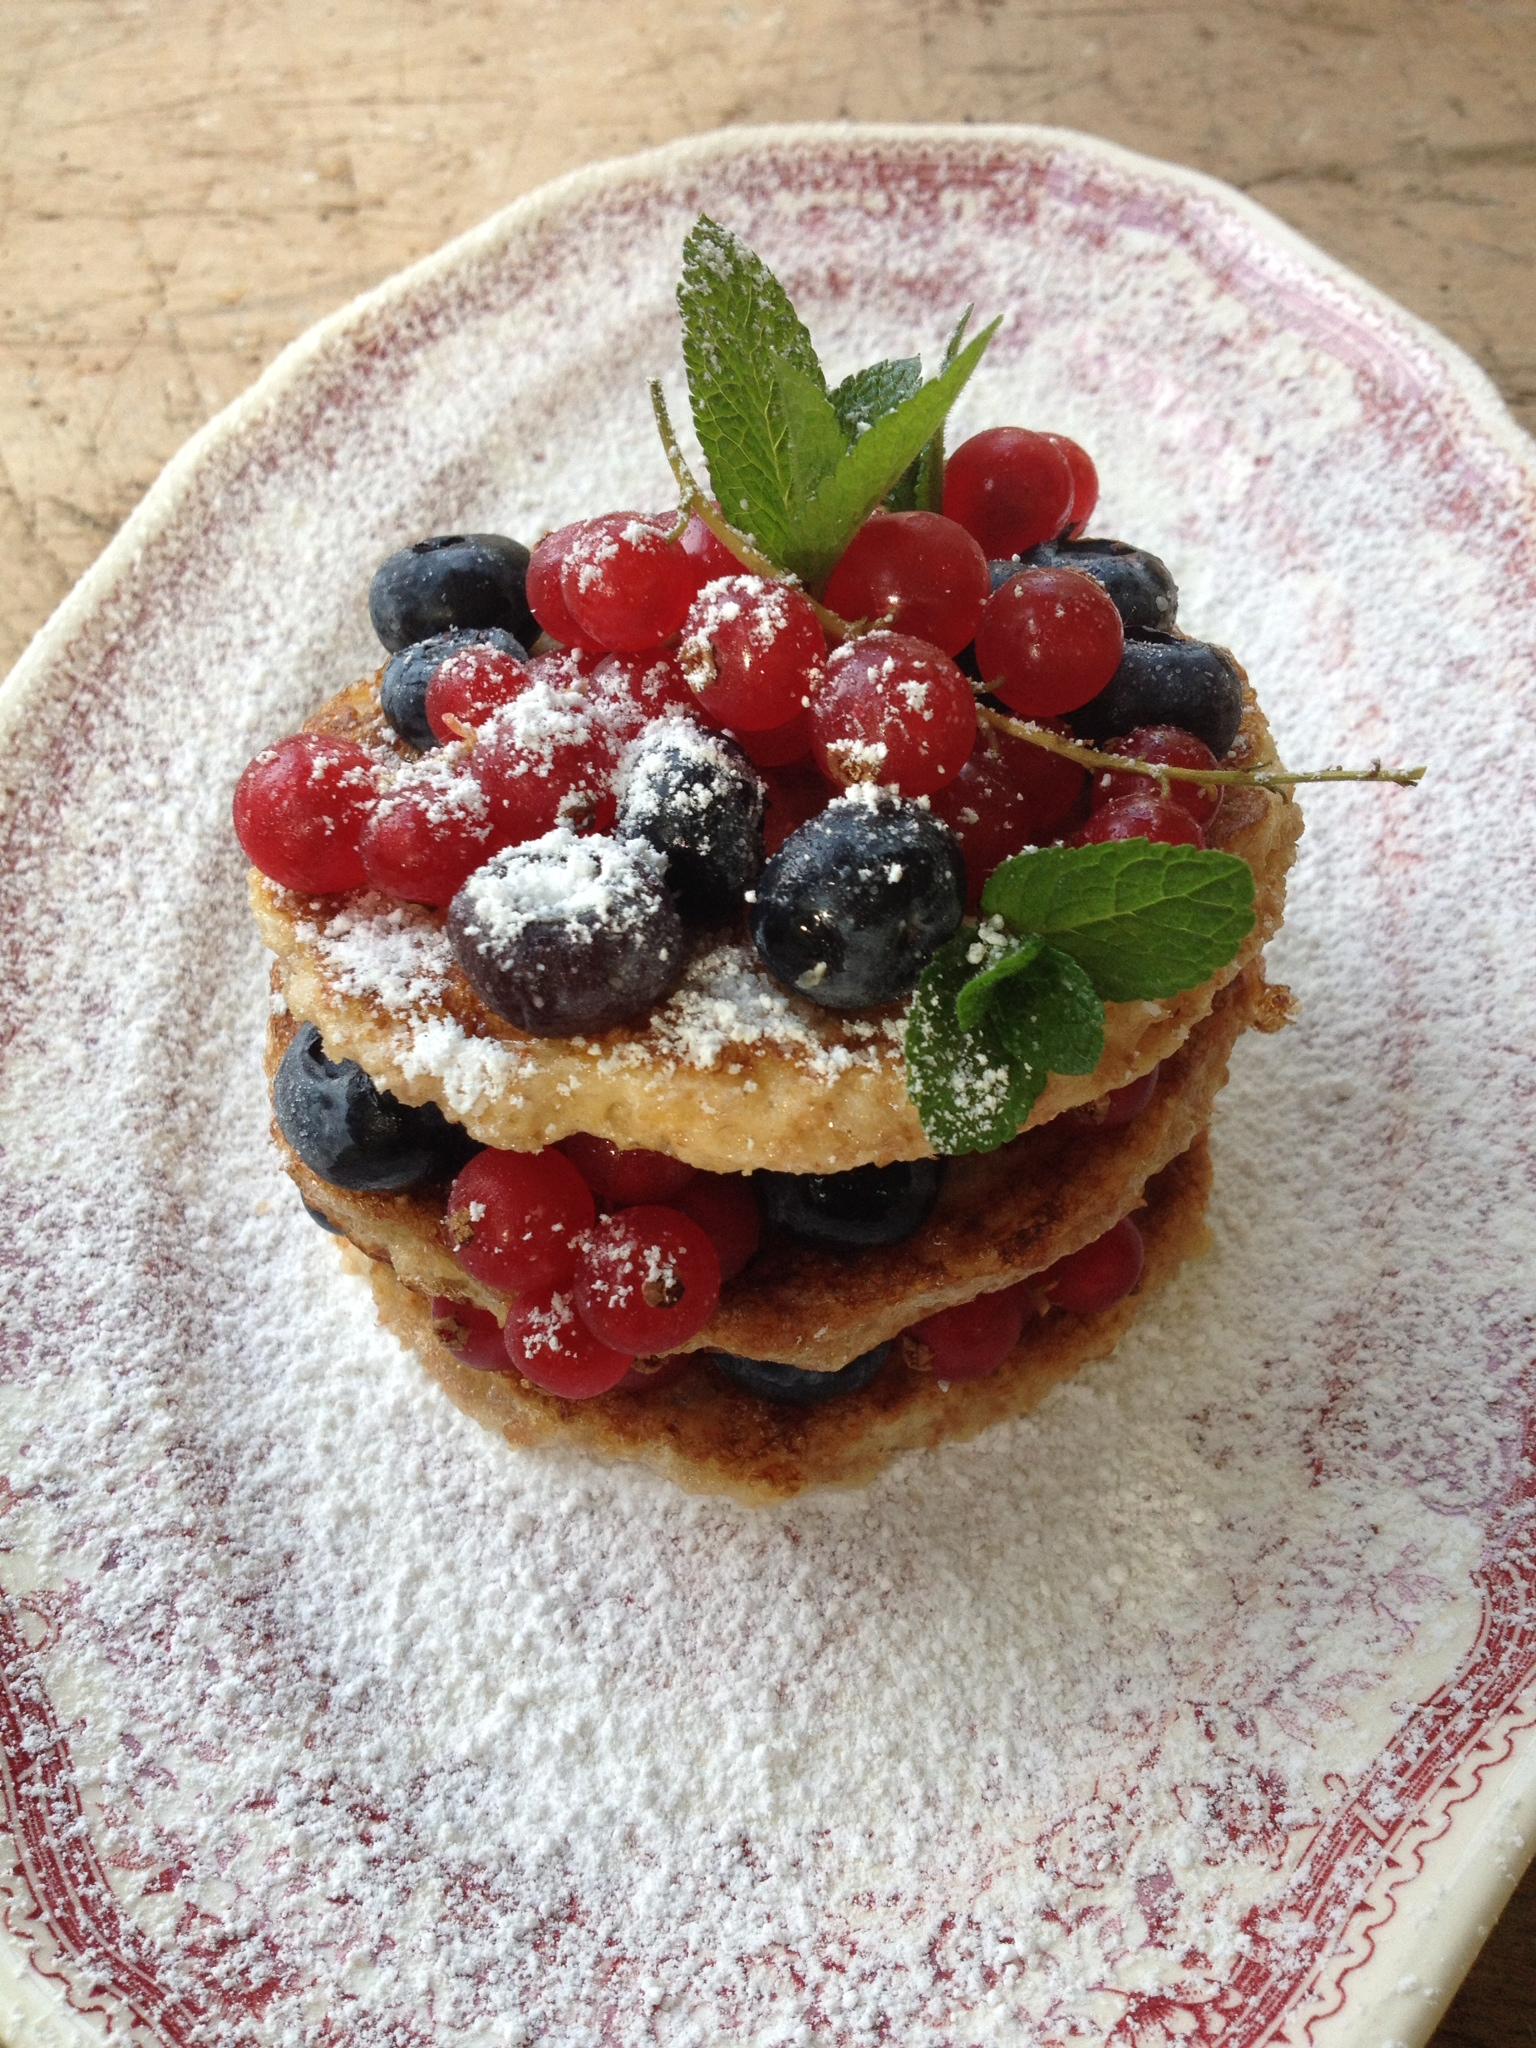 Zalig Kerstfeest met fruitige American pancakes